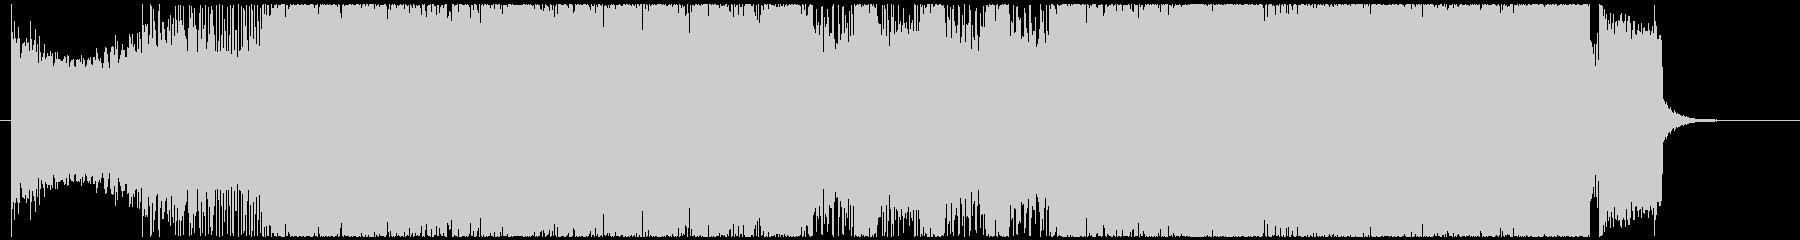 エフェクトを駆使したオープニングテーマの未再生の波形